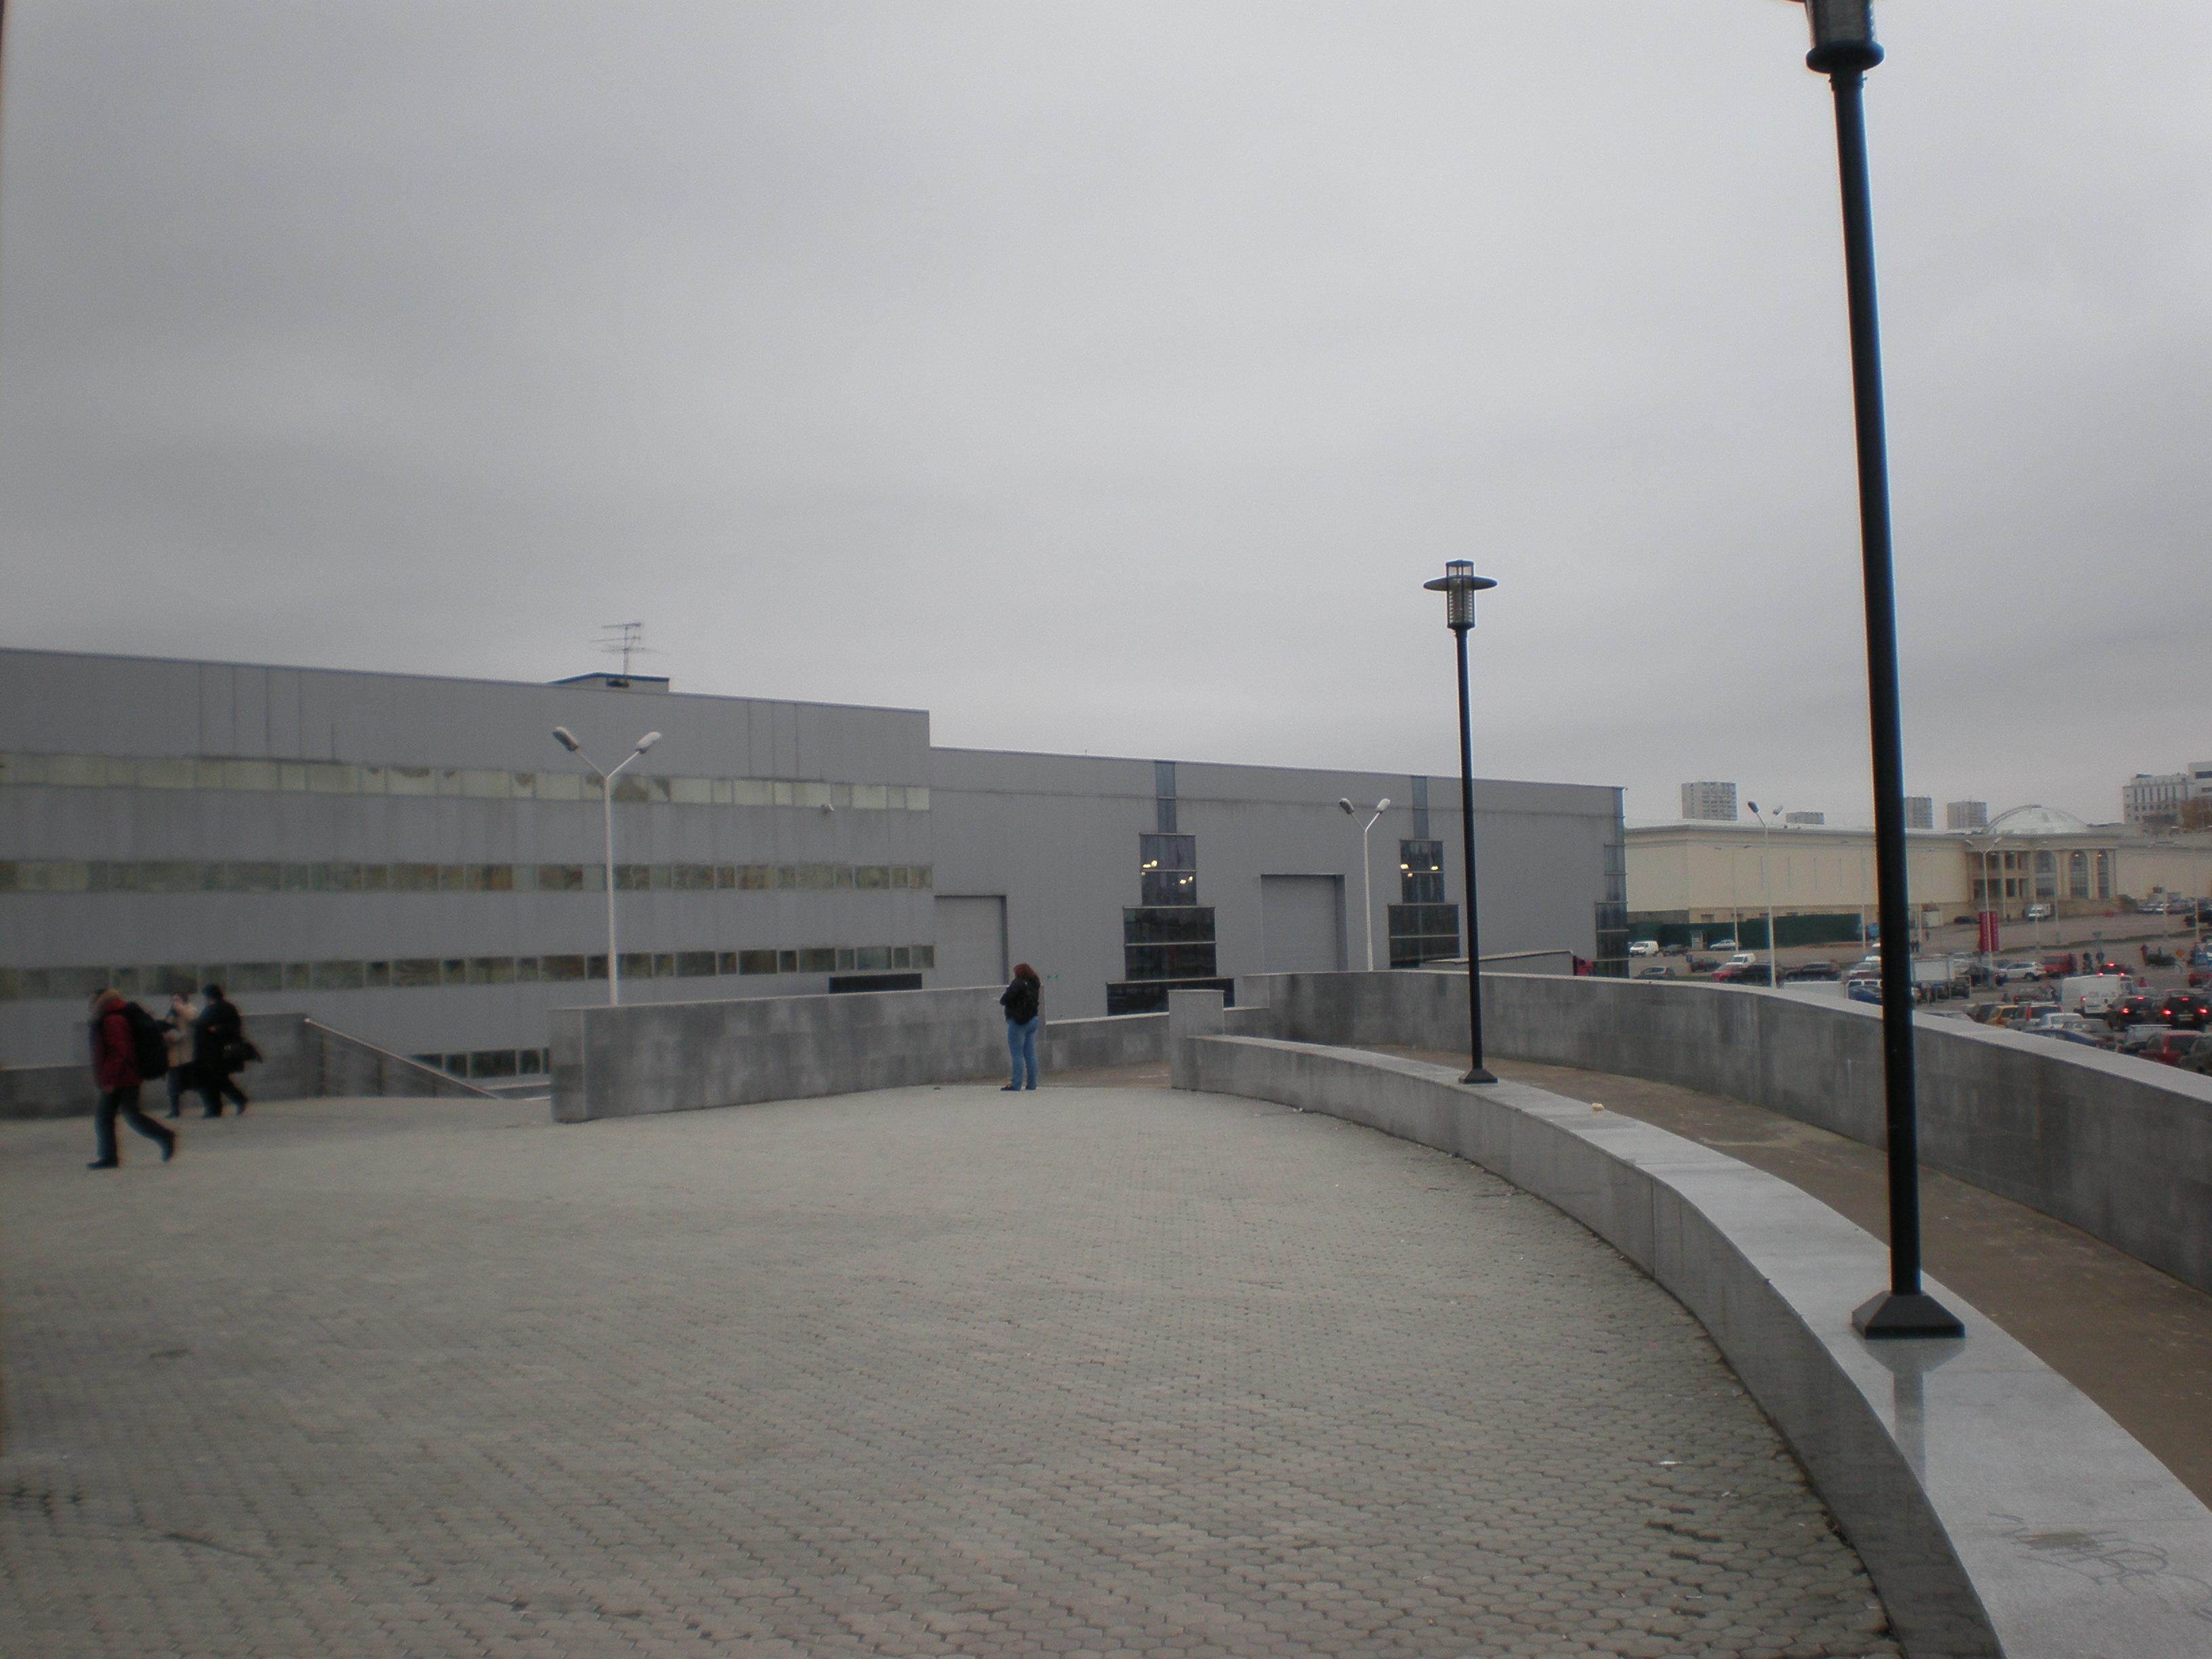 Выход из метро Мякинино. Далее пешком.